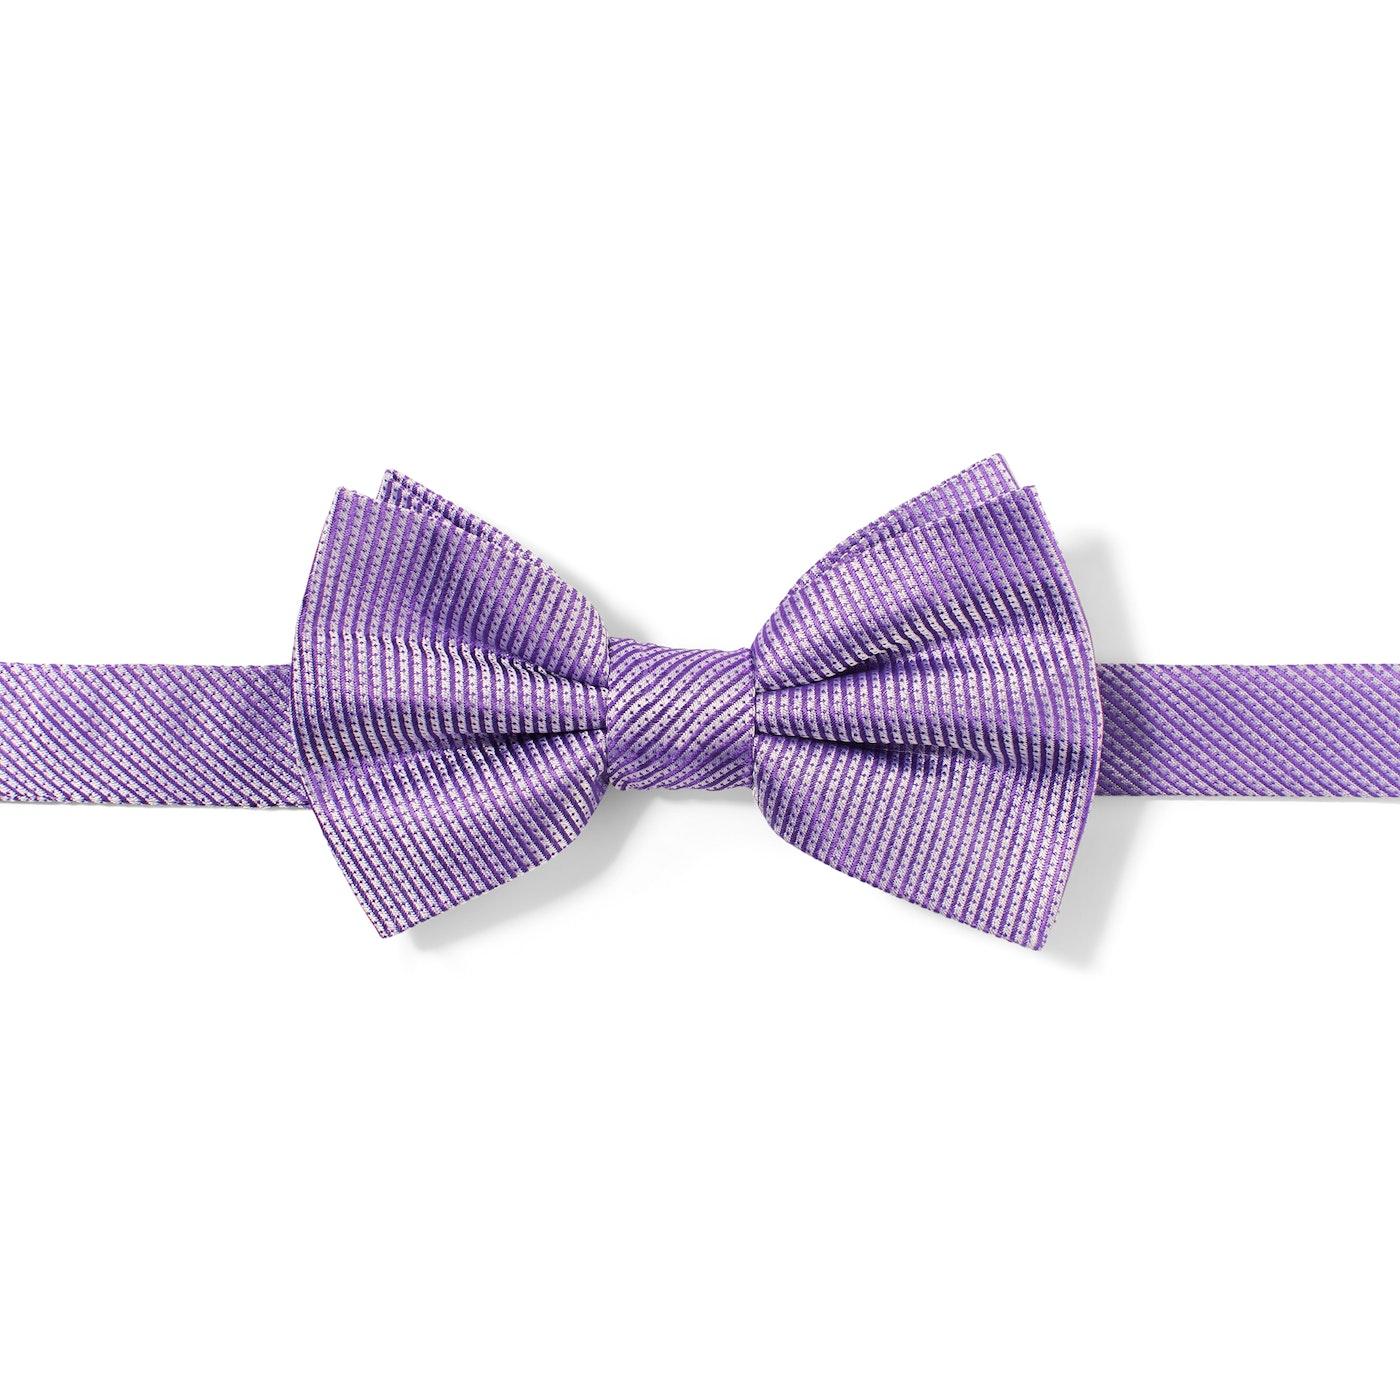 Lilac Dobby Pre-Tied Bow Tie